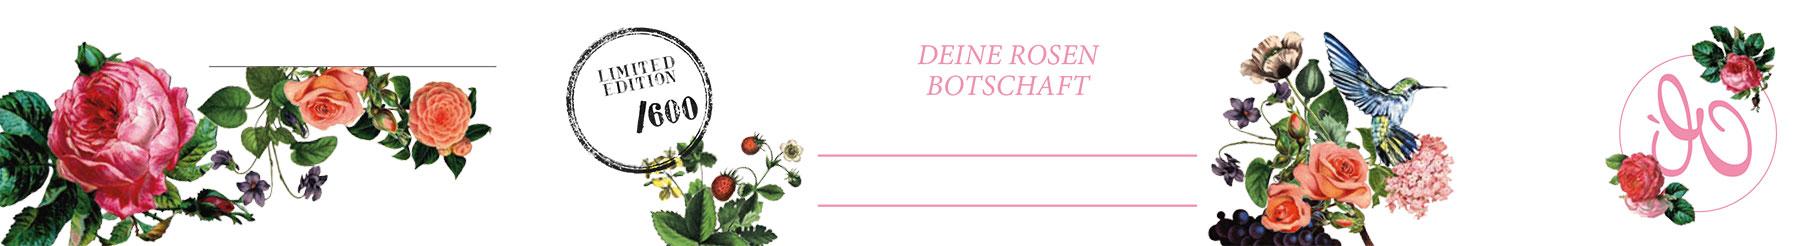 Roseli-Rosen-Botschaft